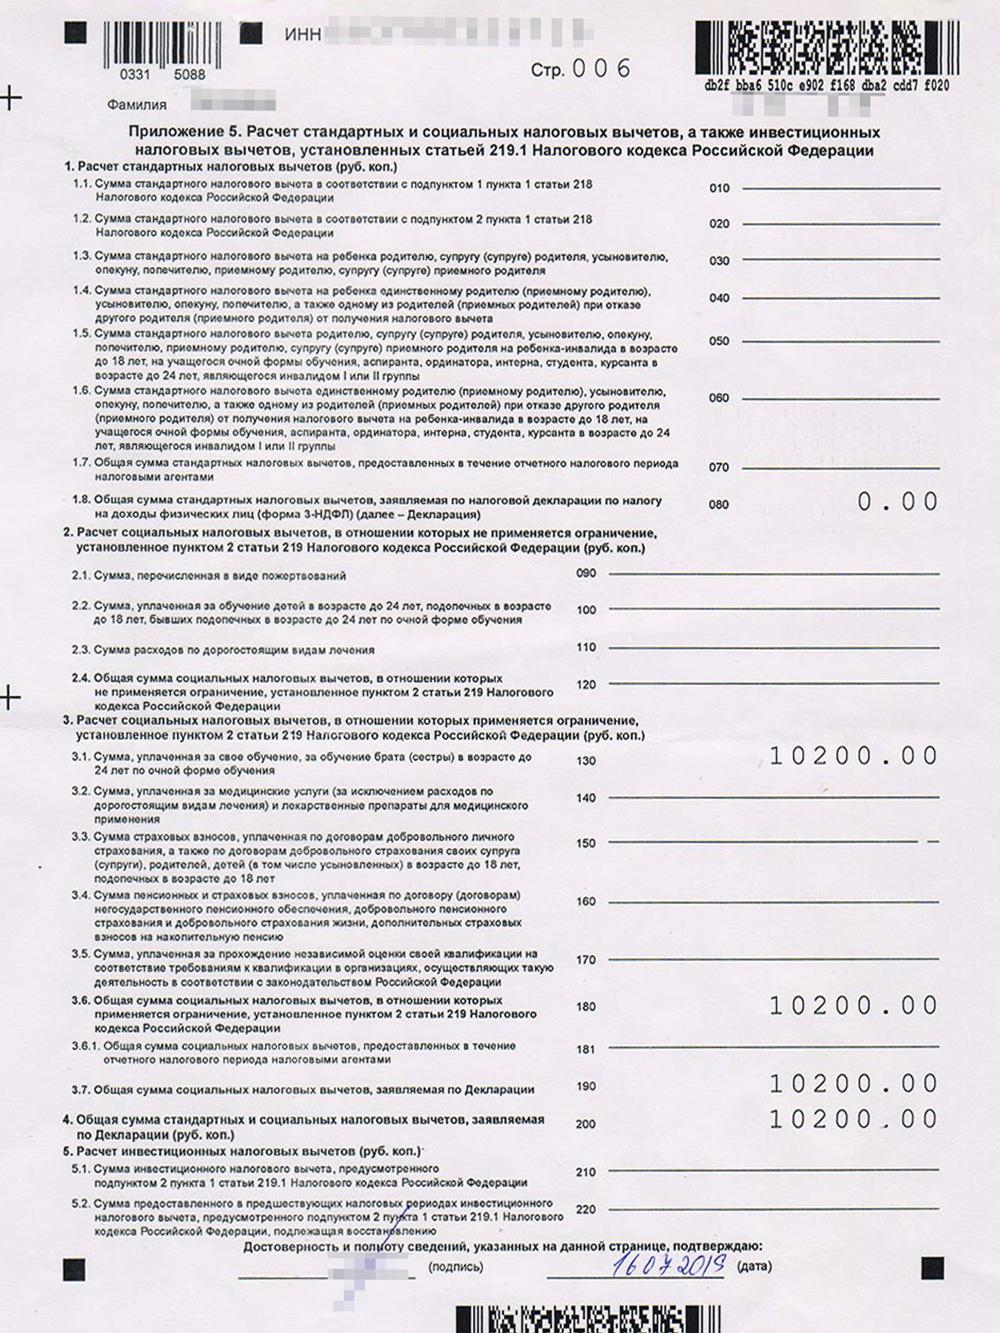 Приложение 5к декларации. Здесь необходимо указать суммы стандартных, социальных иинвестиционных вычетов